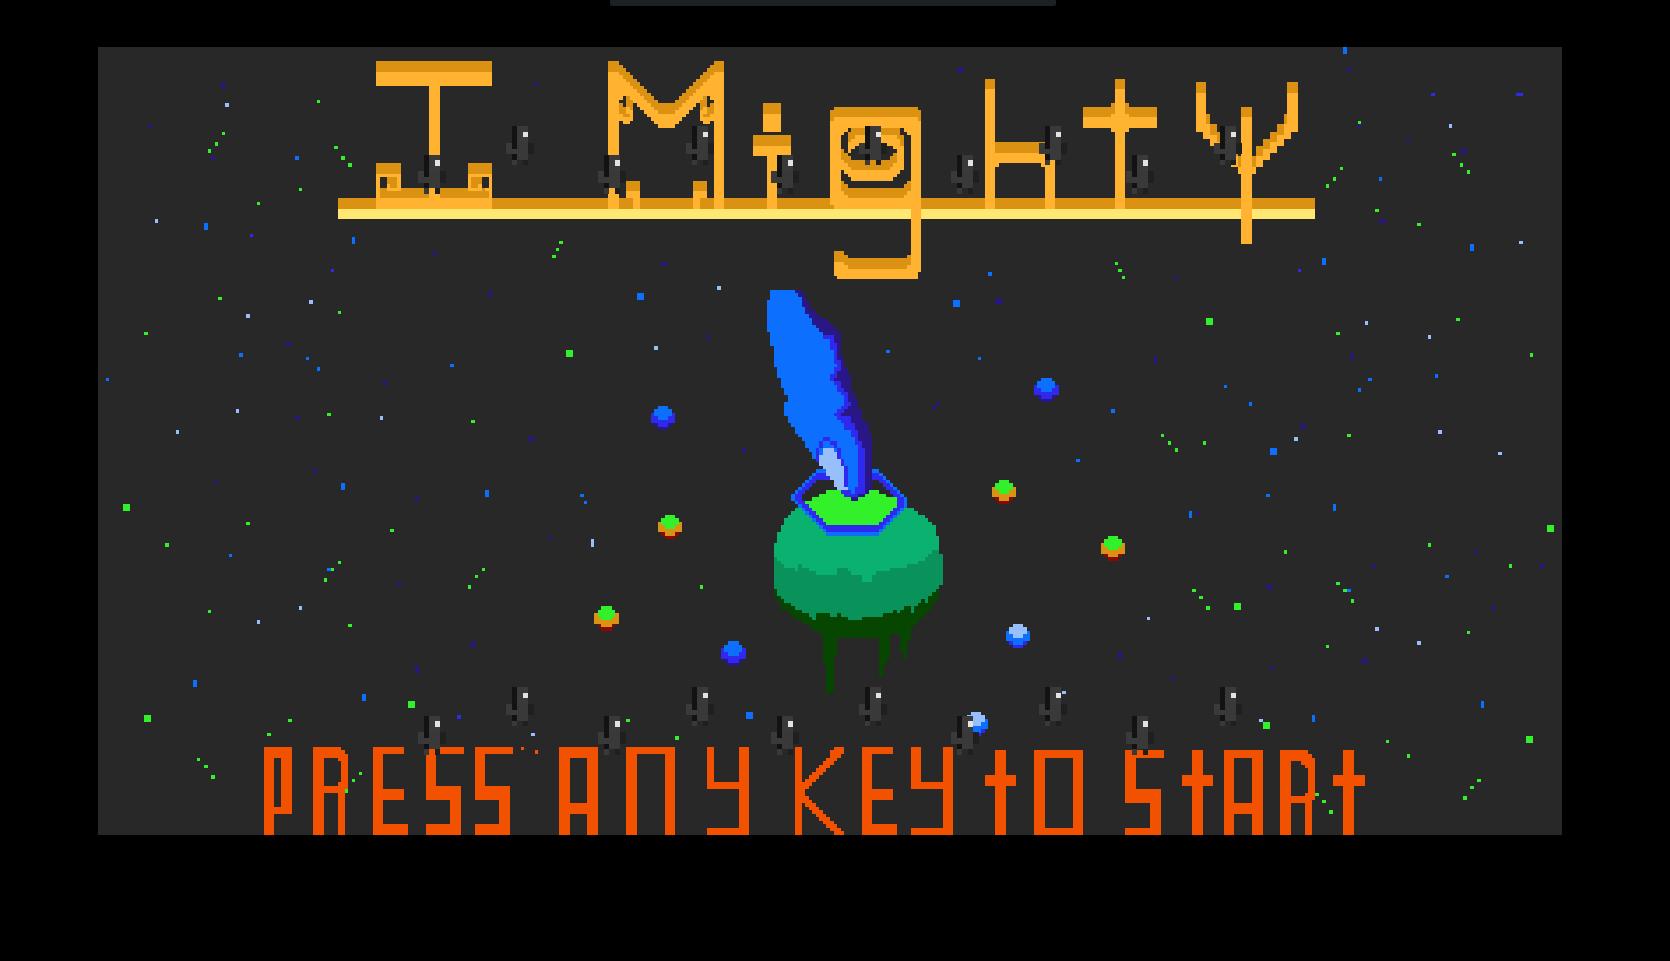 I, Mighty